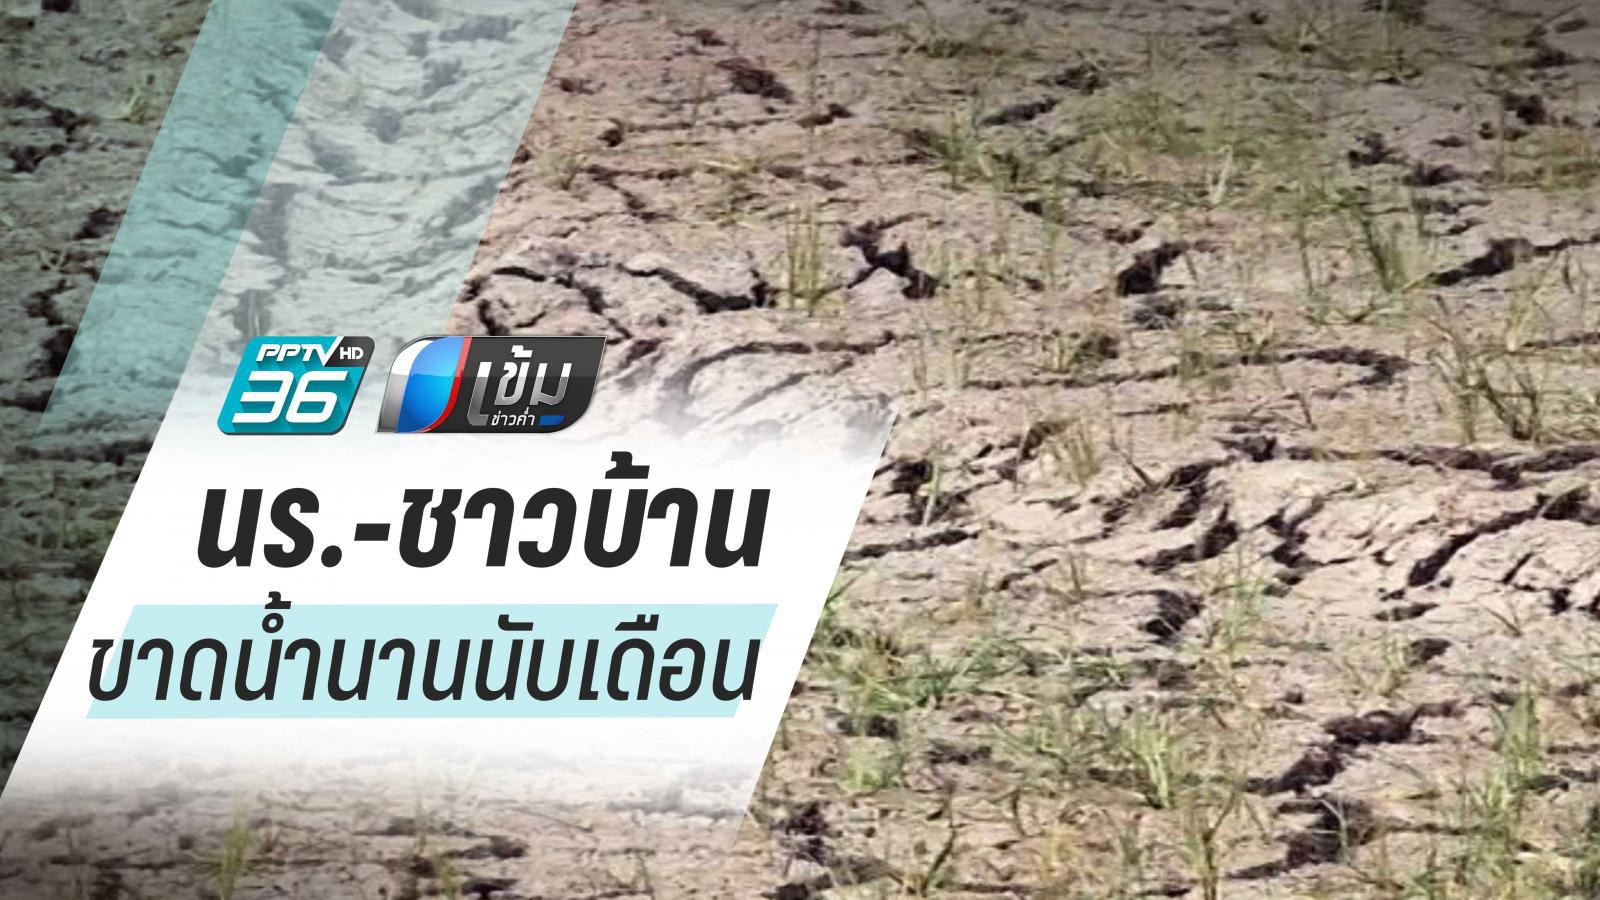 น้ำประปาภูเขาแห้งขอด นร.-ชาวบ้านกว่า700ชีวิต ขาดน้ำนานนับเดือน/สู้ภัยแล้ง: ตอน 4